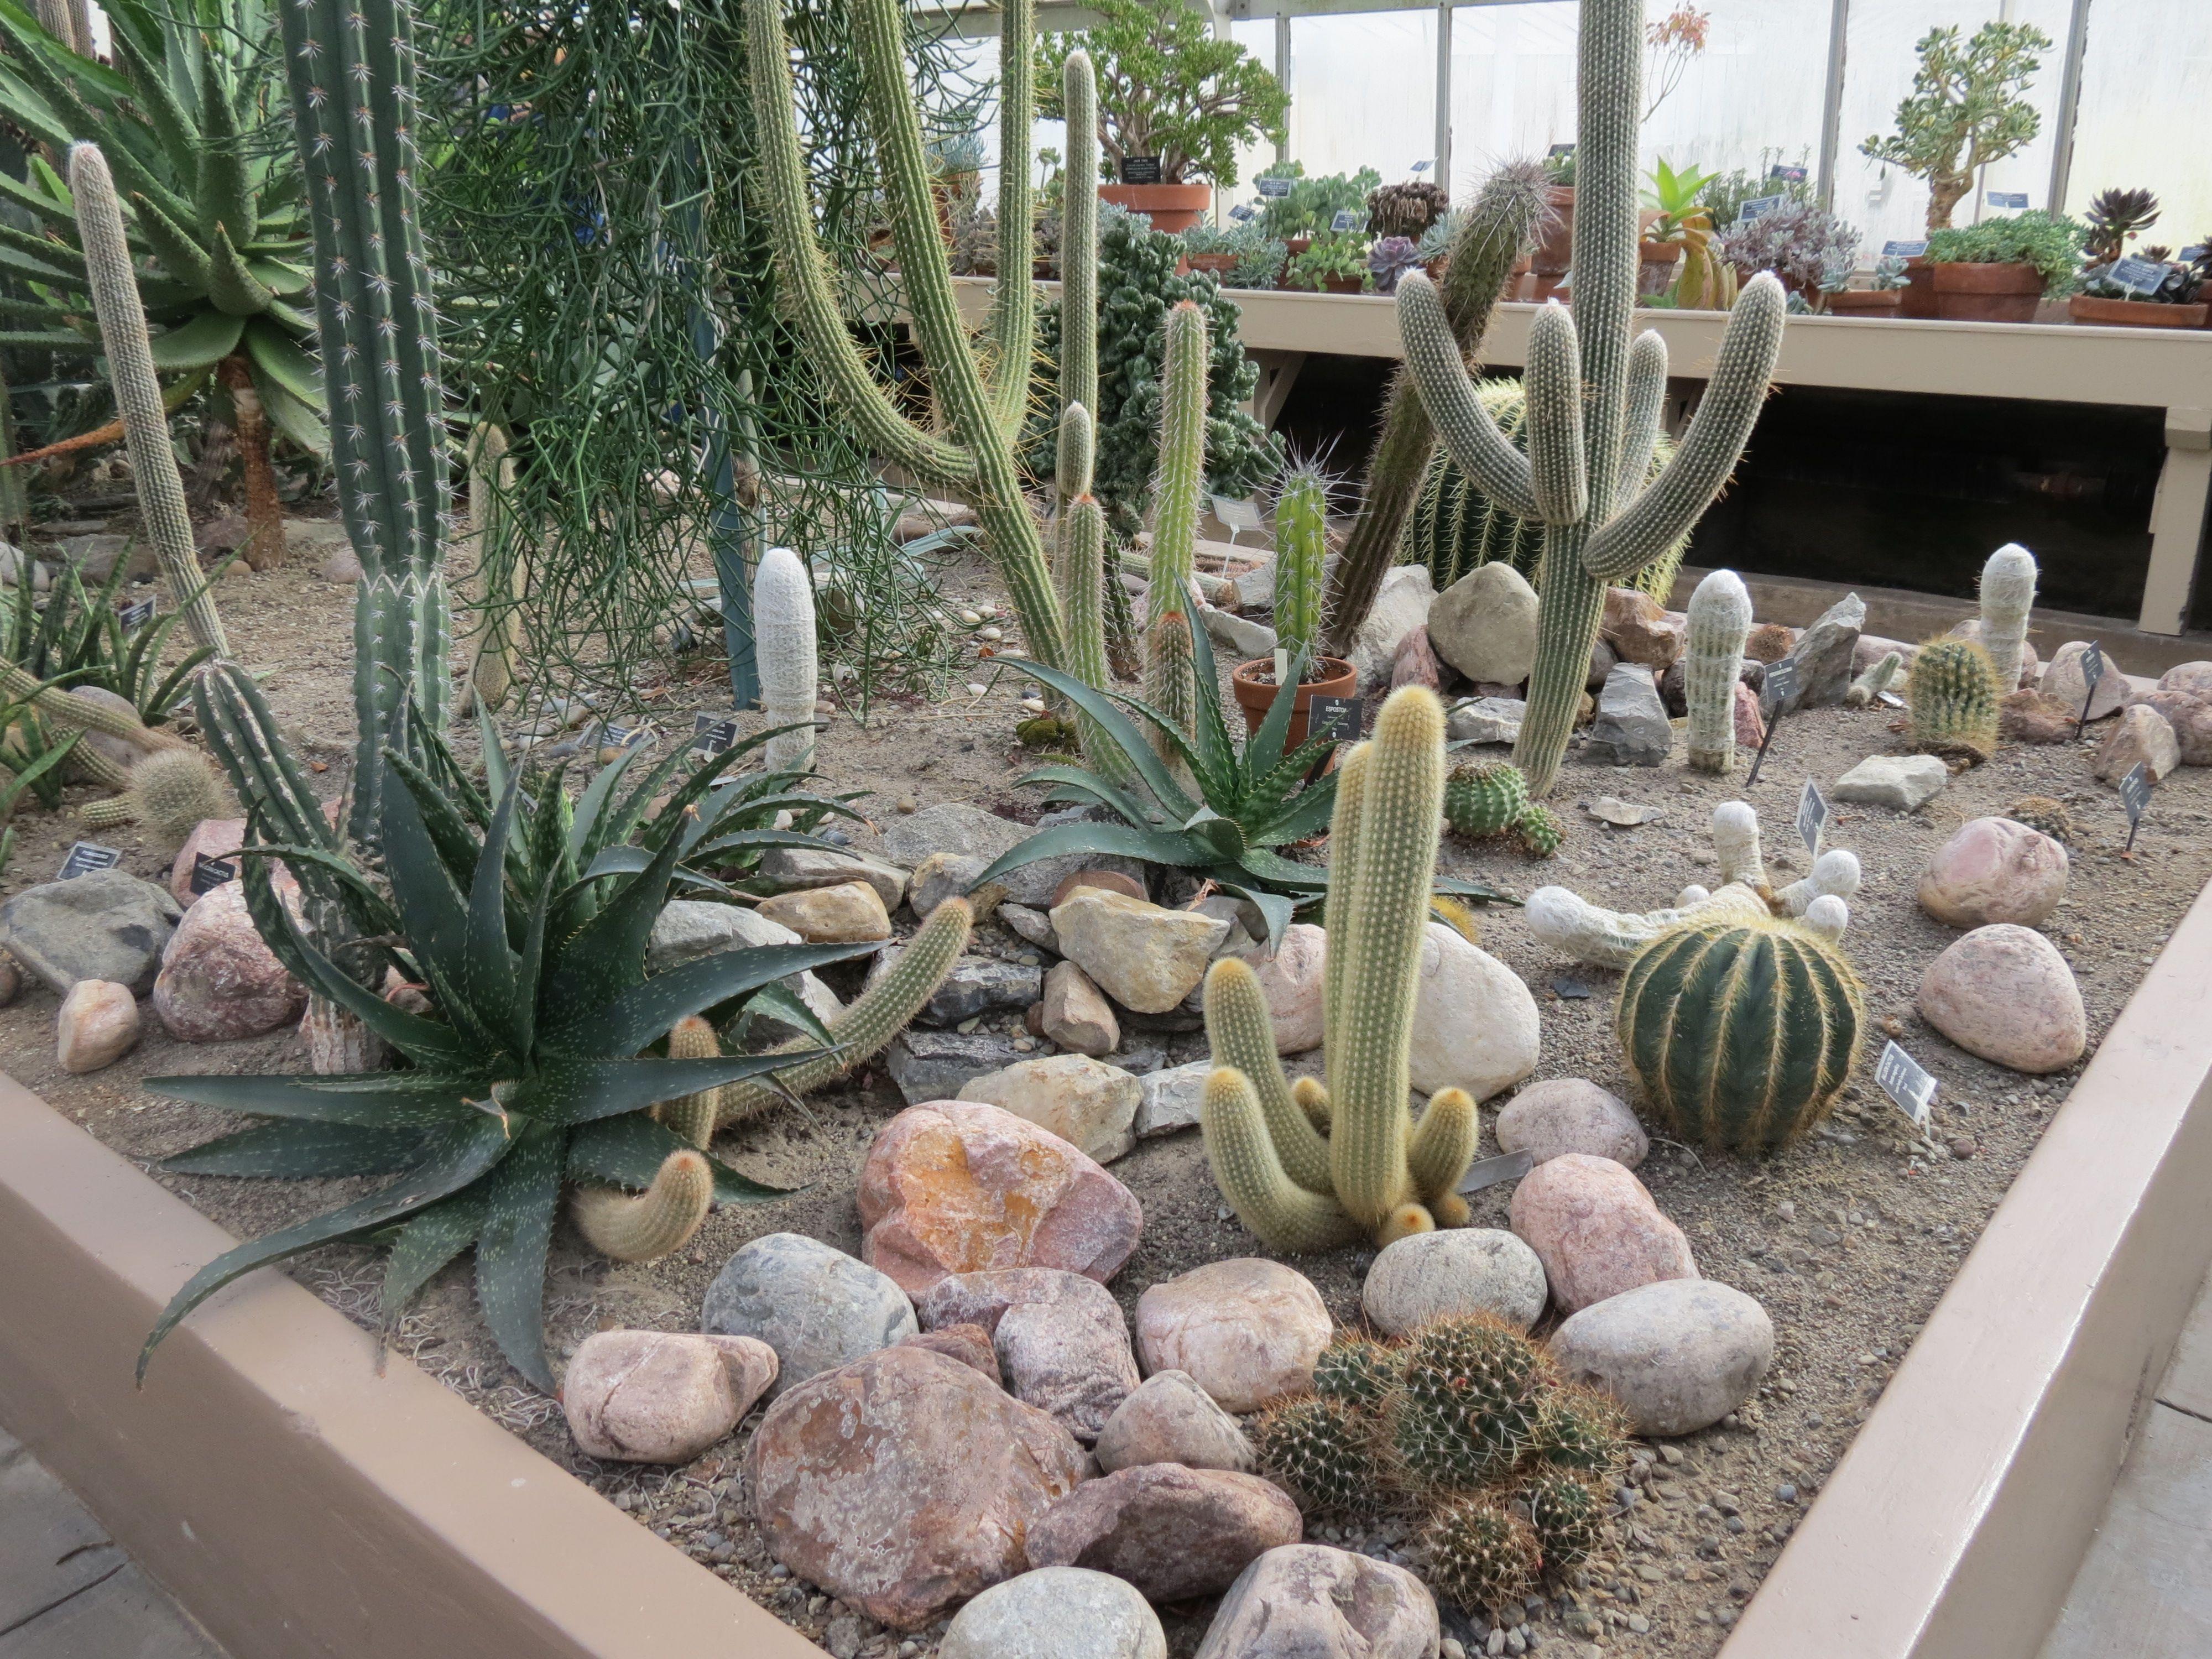 Cactus Gardens Botanical Gardens Cactus House Garden 400 x 300